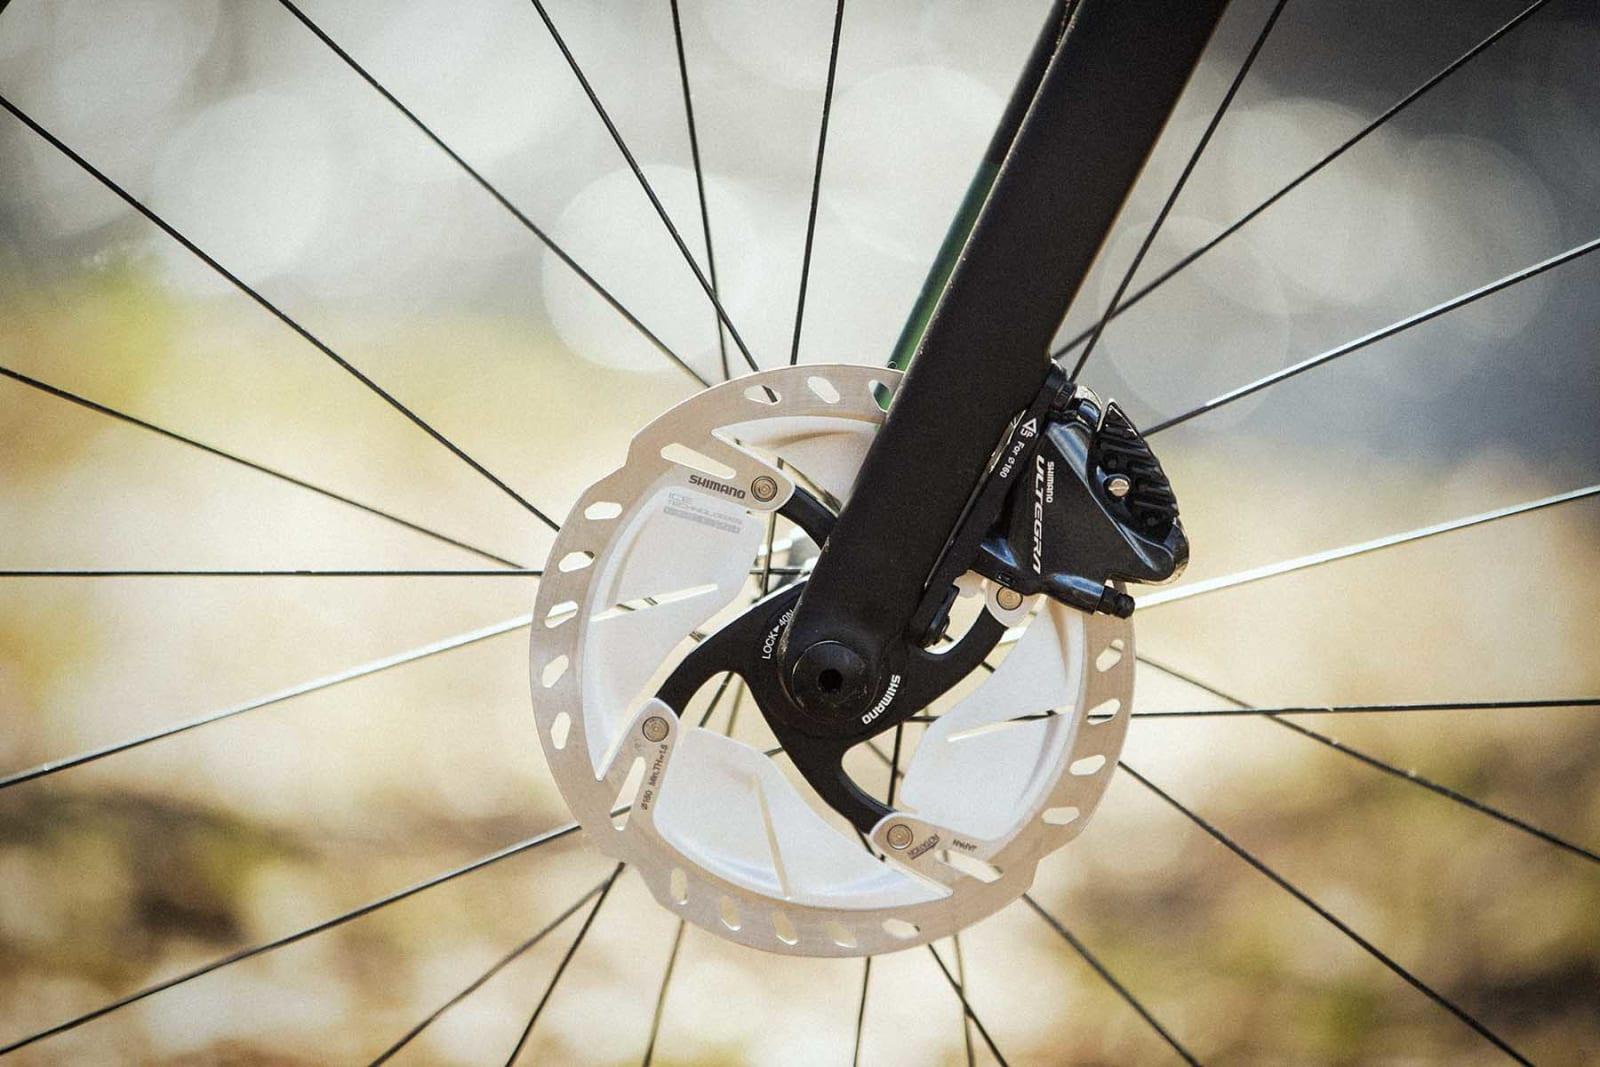 LEKKERT: Shimanos nye bremseskiver er med på å løfte helhetsinntrykket på enhver landeveis-og eventyrsykkel.